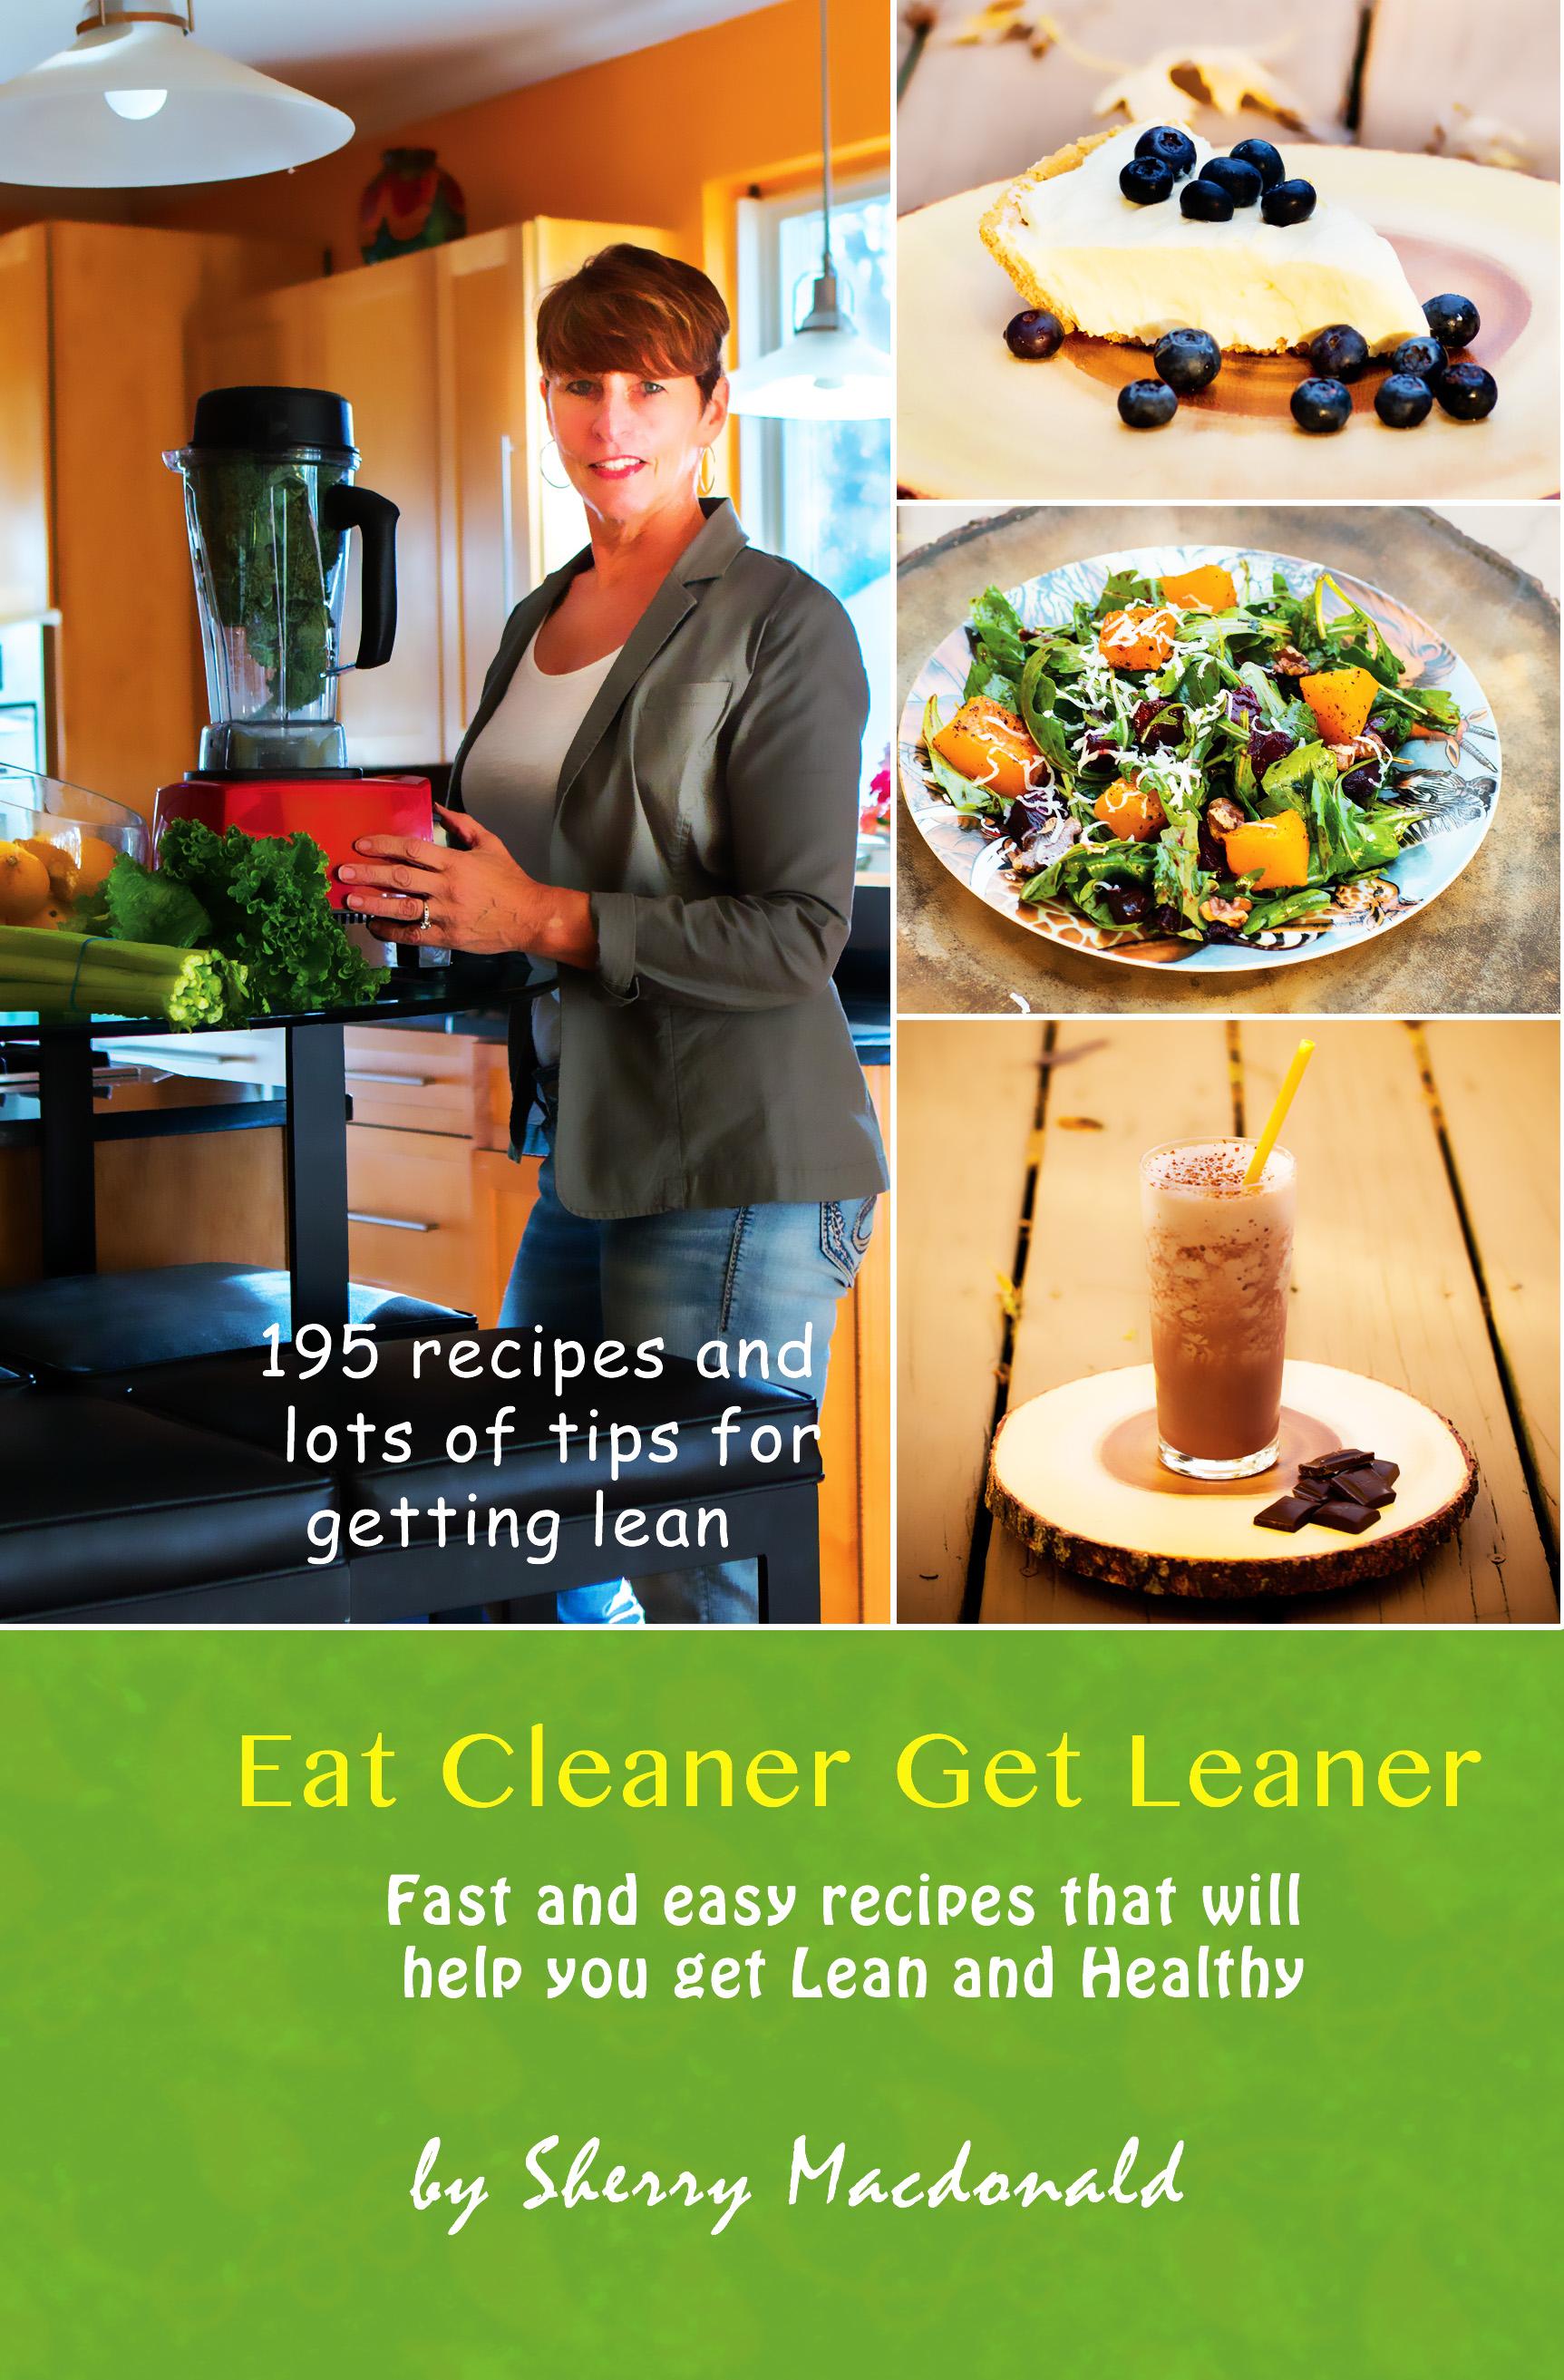 cookbook eat cleaner get leaner